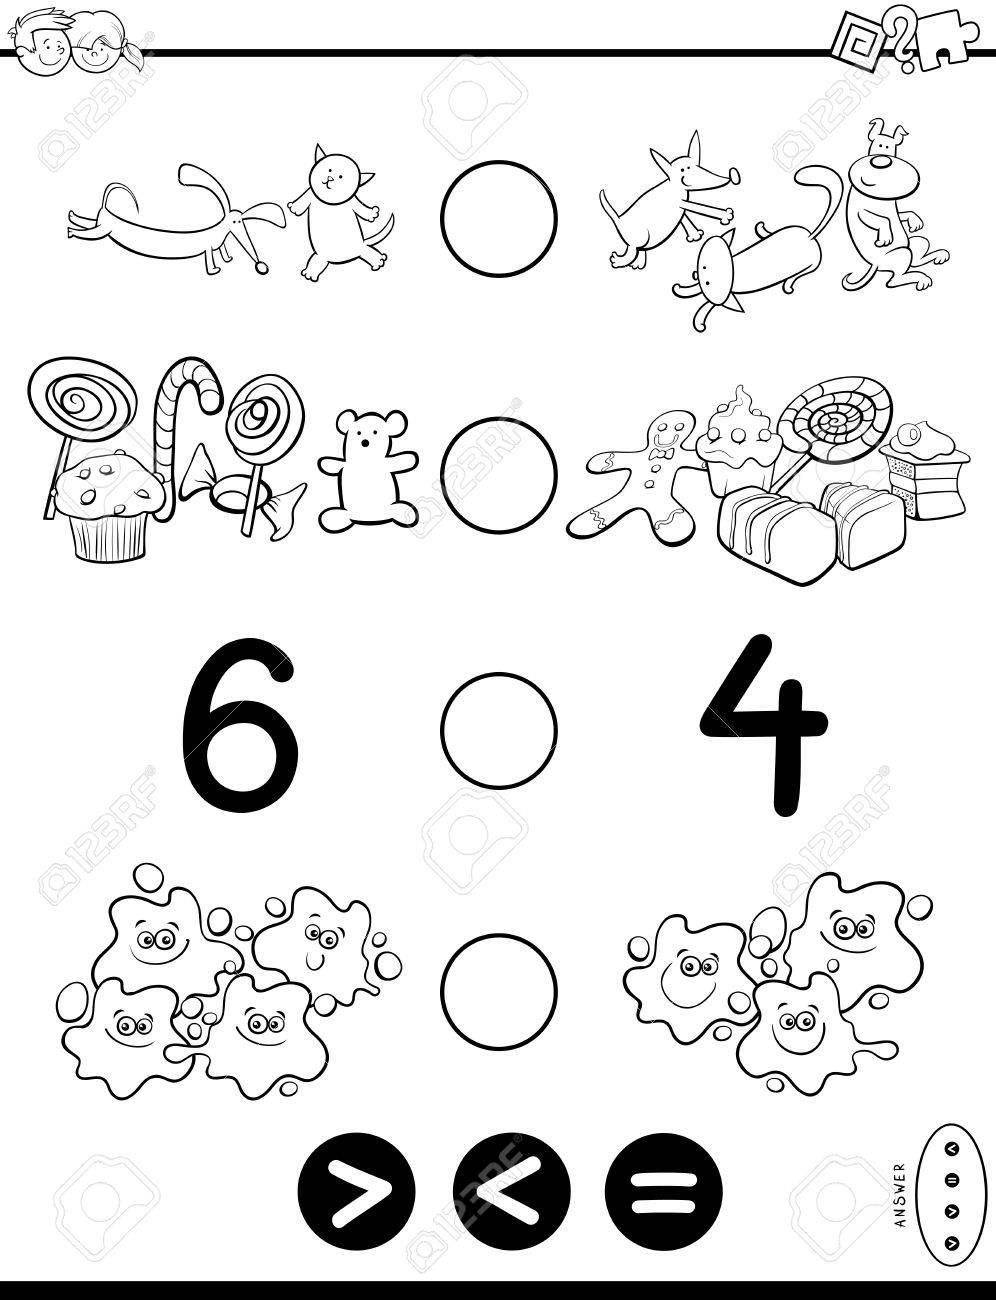 Schwarz-Weiß-Cartoon-Illustration Der Pädagogischen Mathematischen ...